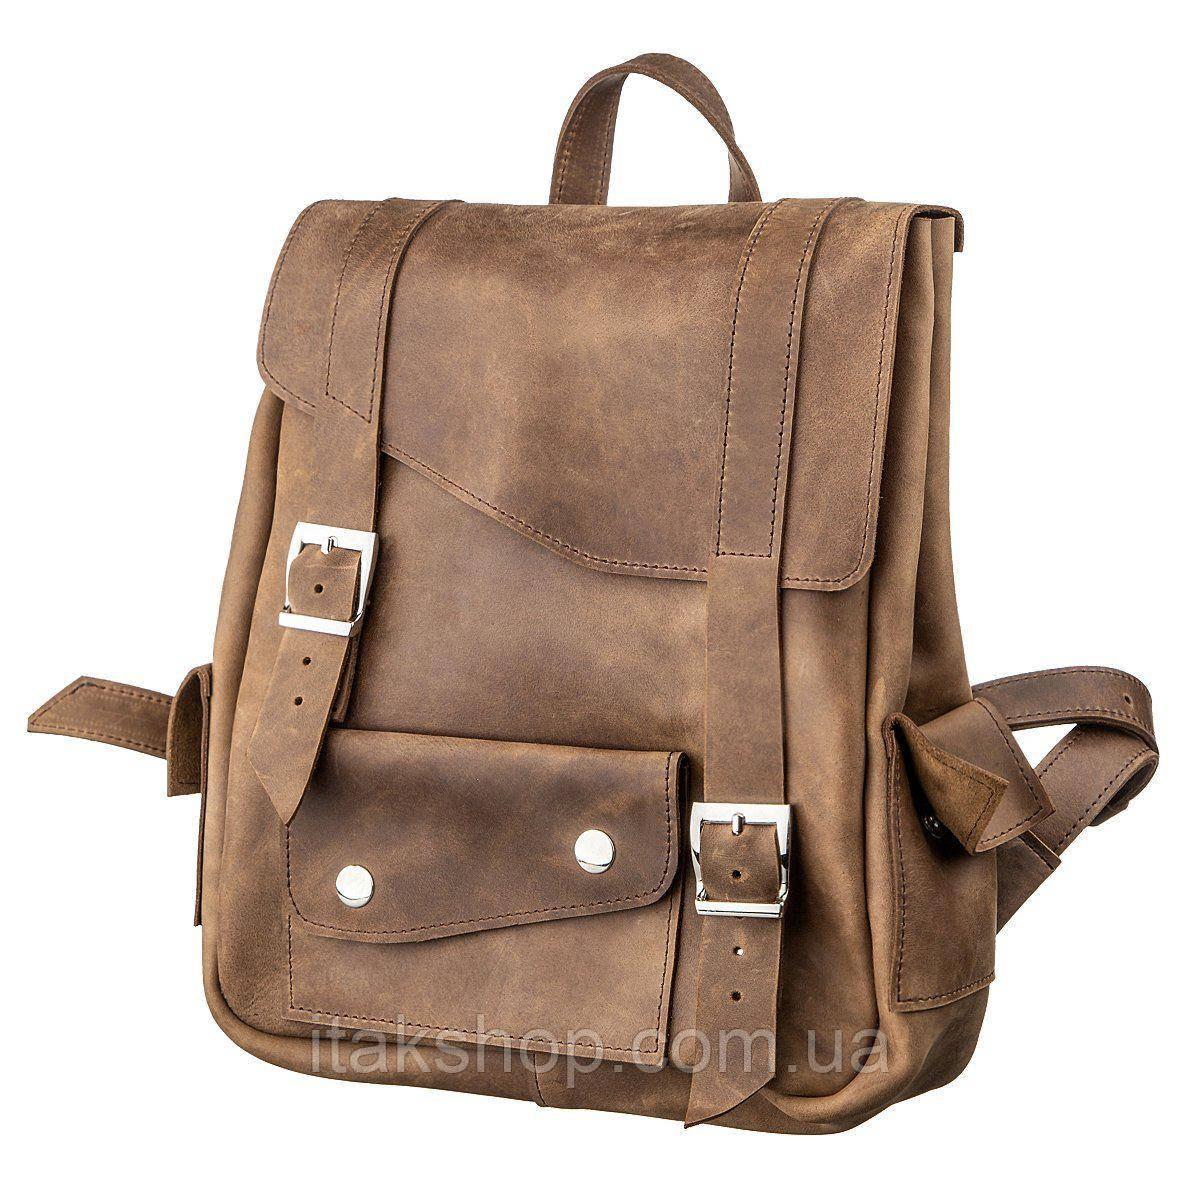 Рюкзак зі шкіри Crazy horse унісекс SHVIGEL 13948 Коричневий., Коричневий